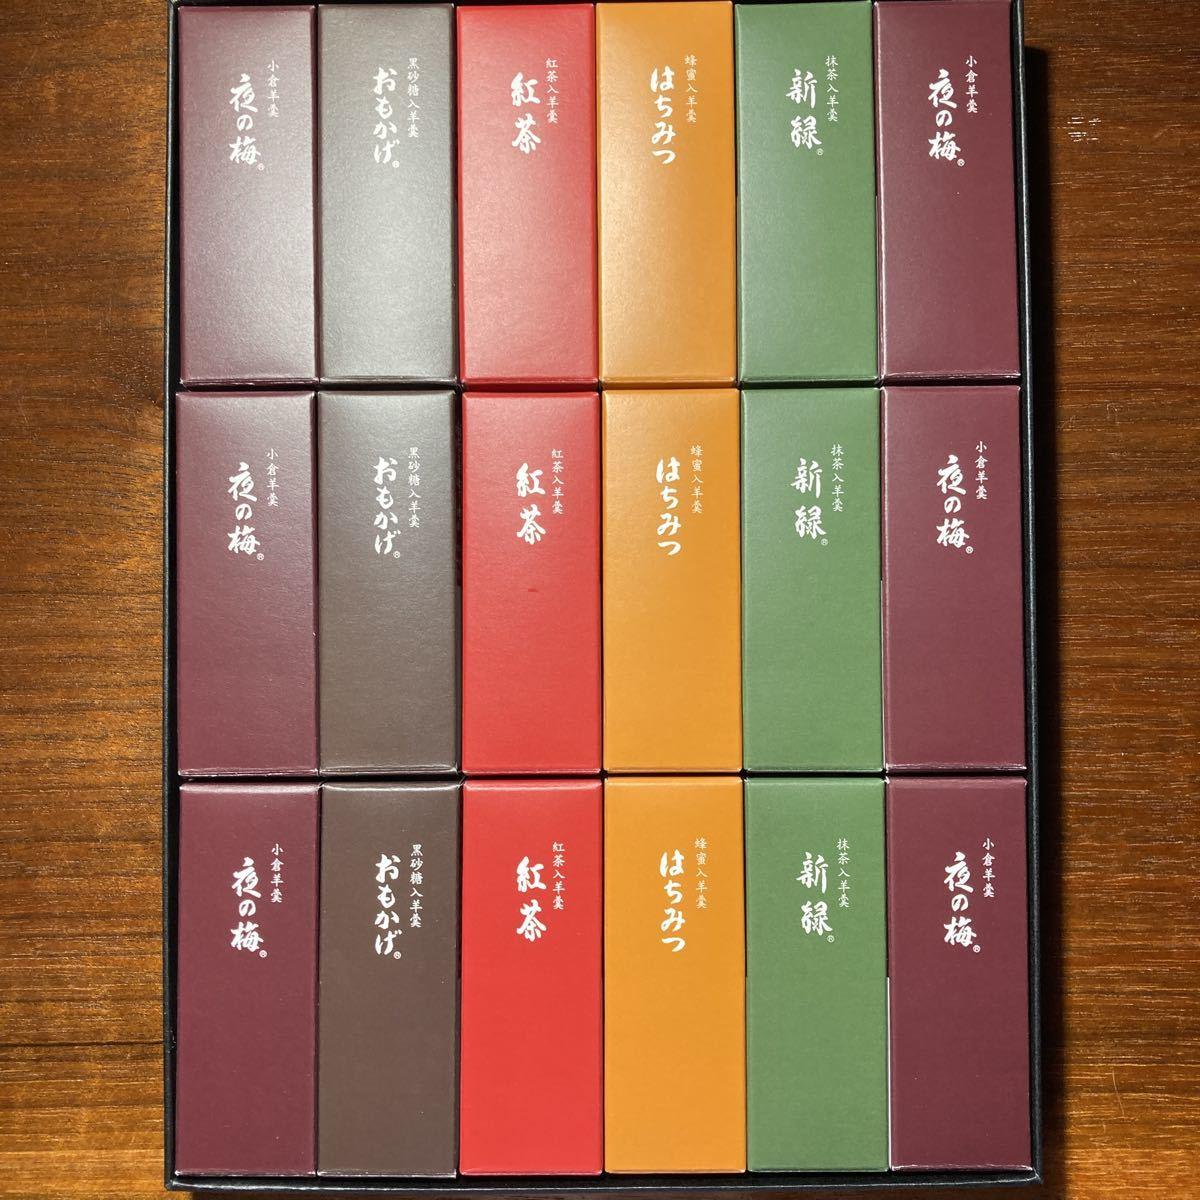 ☆小形羊羹/とらや/5種類18本☆